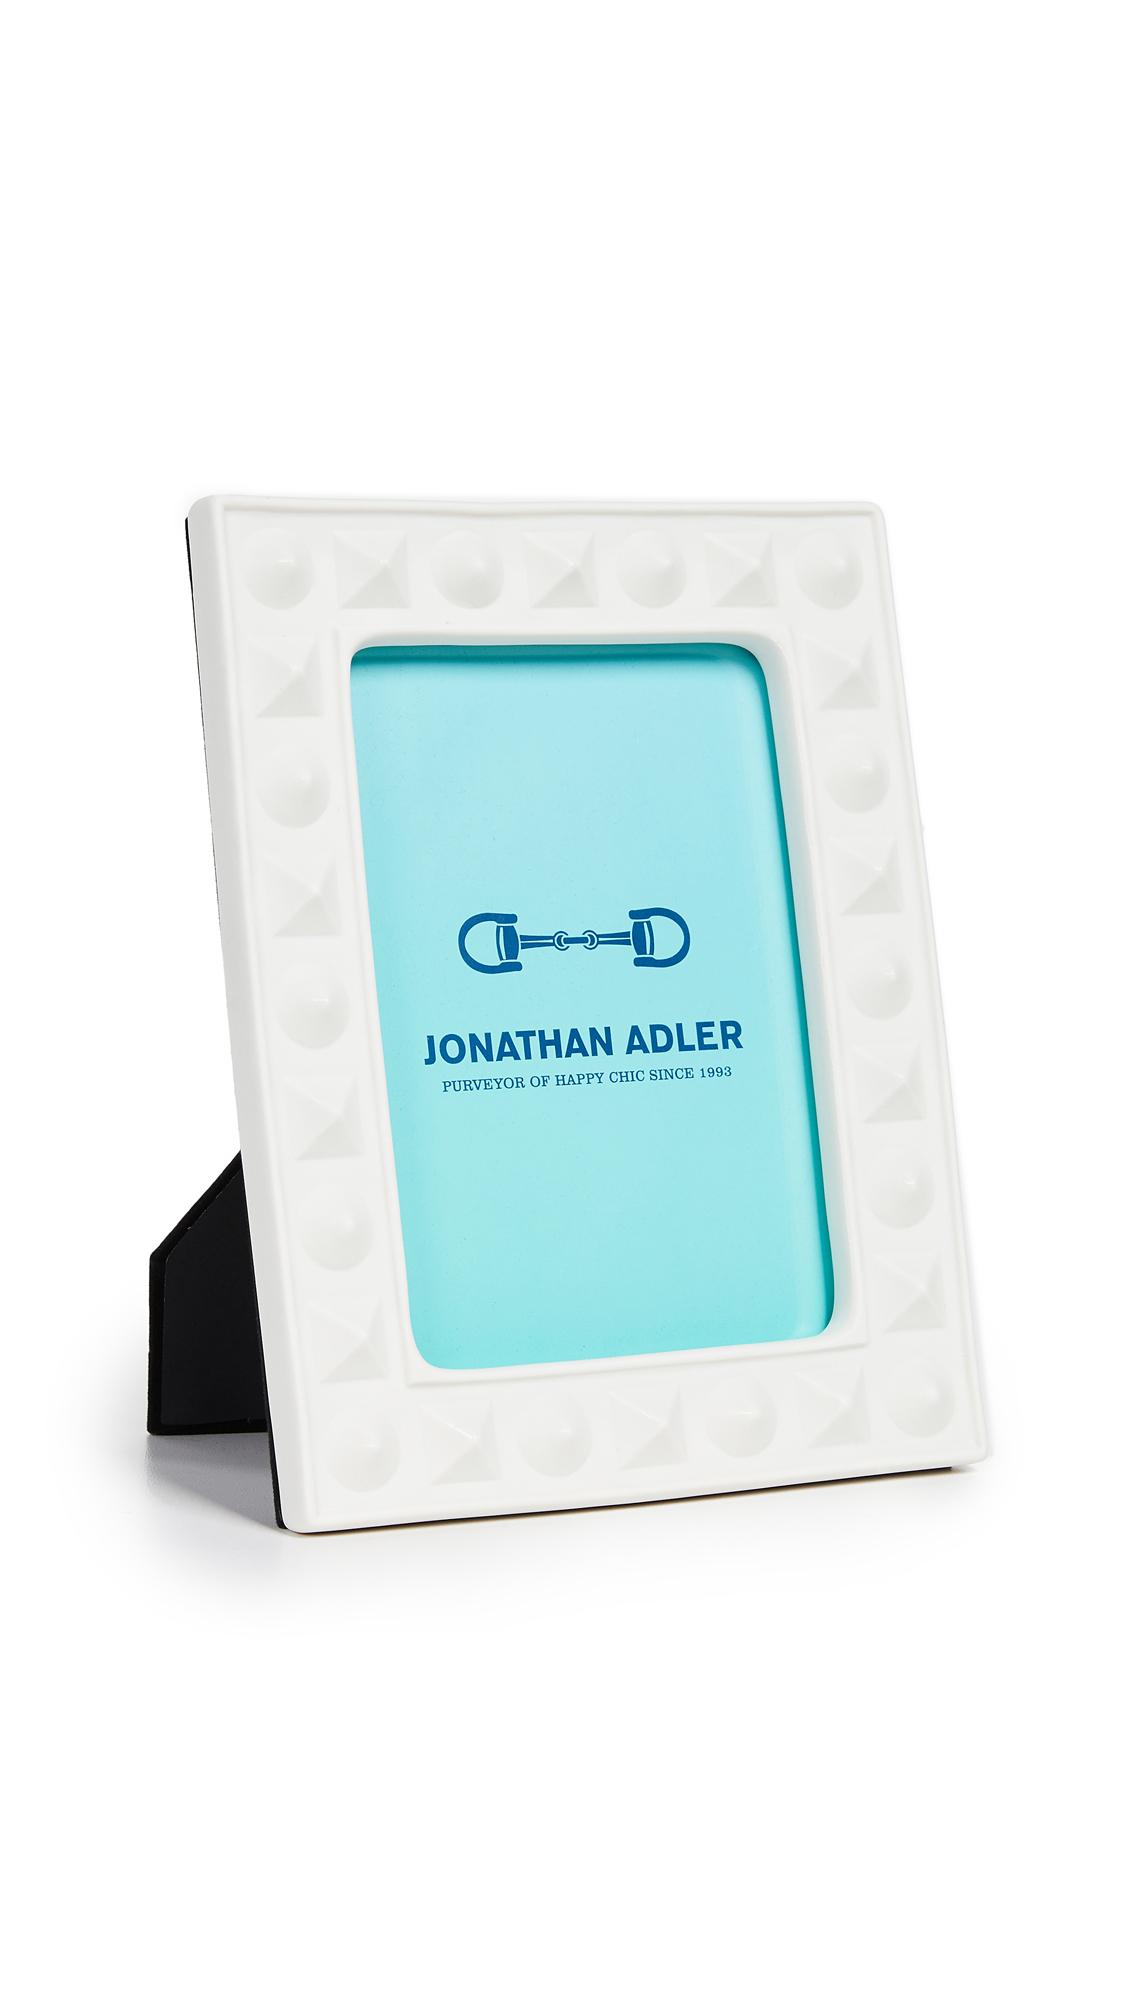 Jonathan Adler Charade Studded 5x7 Frame - White